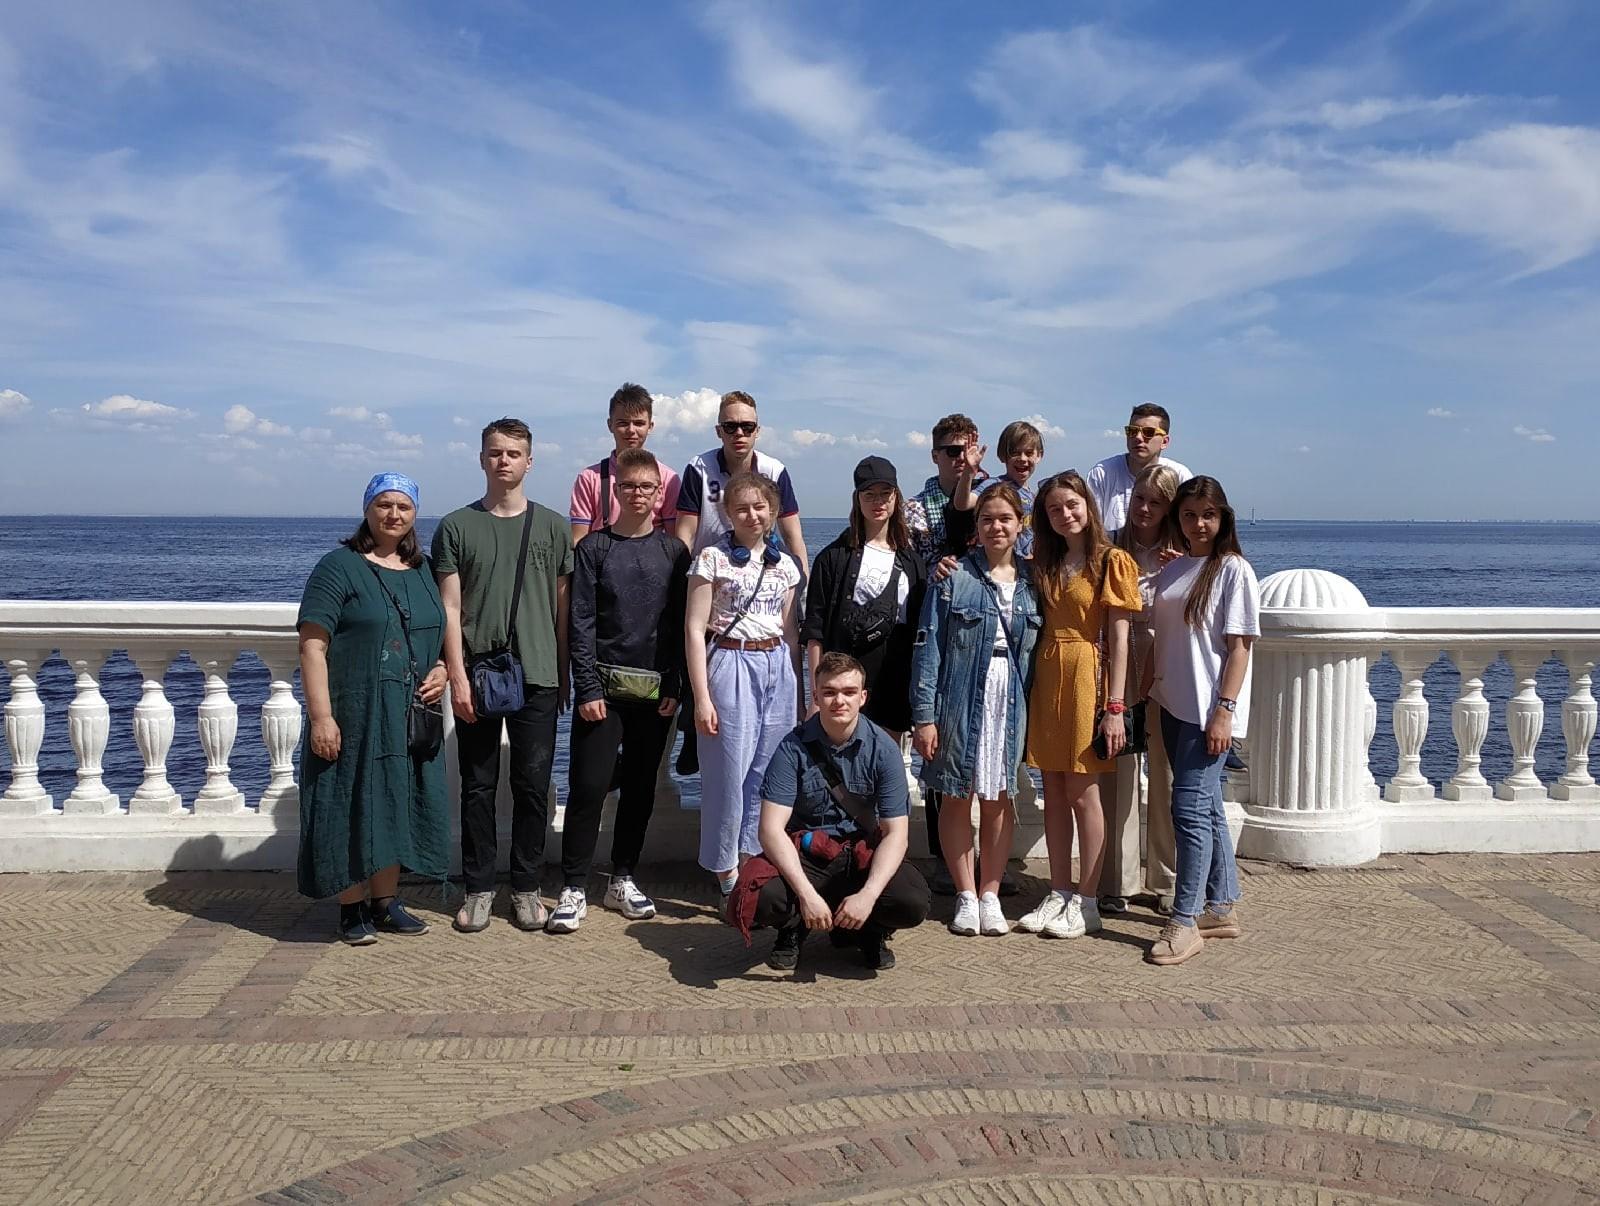 Путешествие из Москвы в Санкт-Петербург